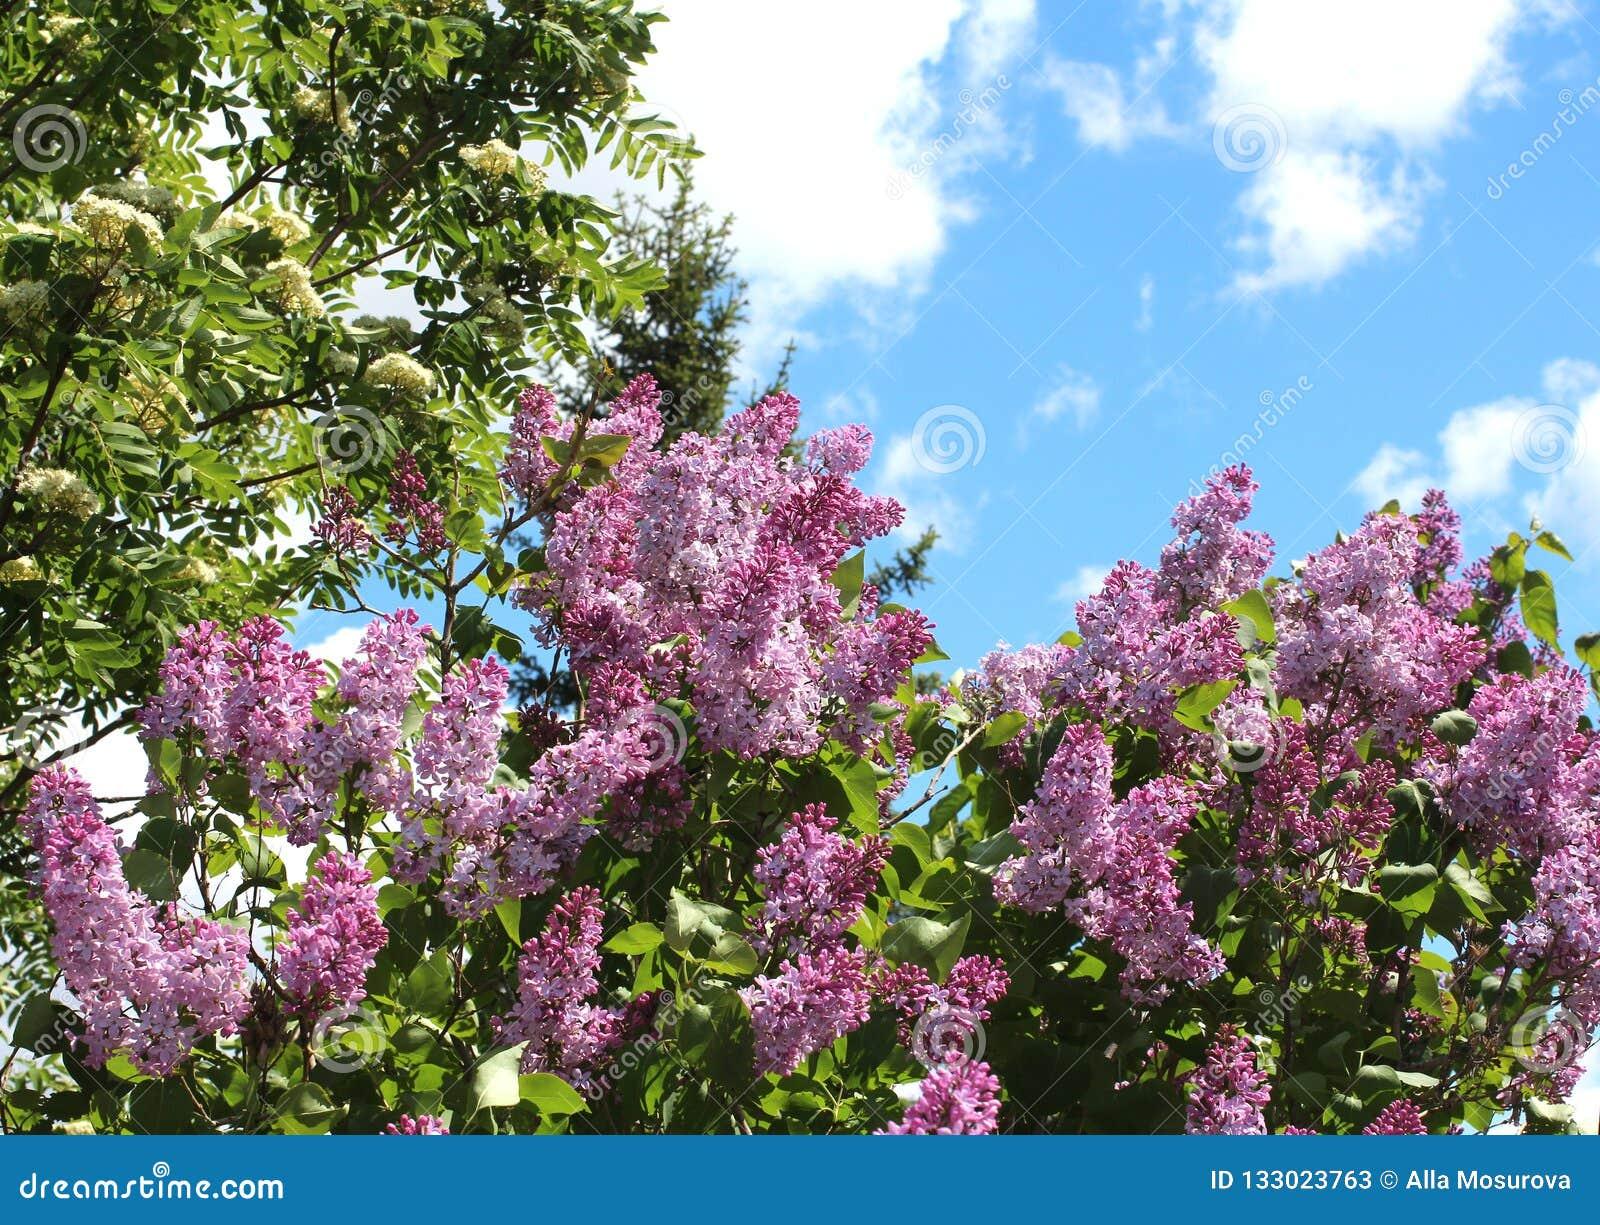 Bloeiende lilac struiken in Siberië tegen de blauwe hemel